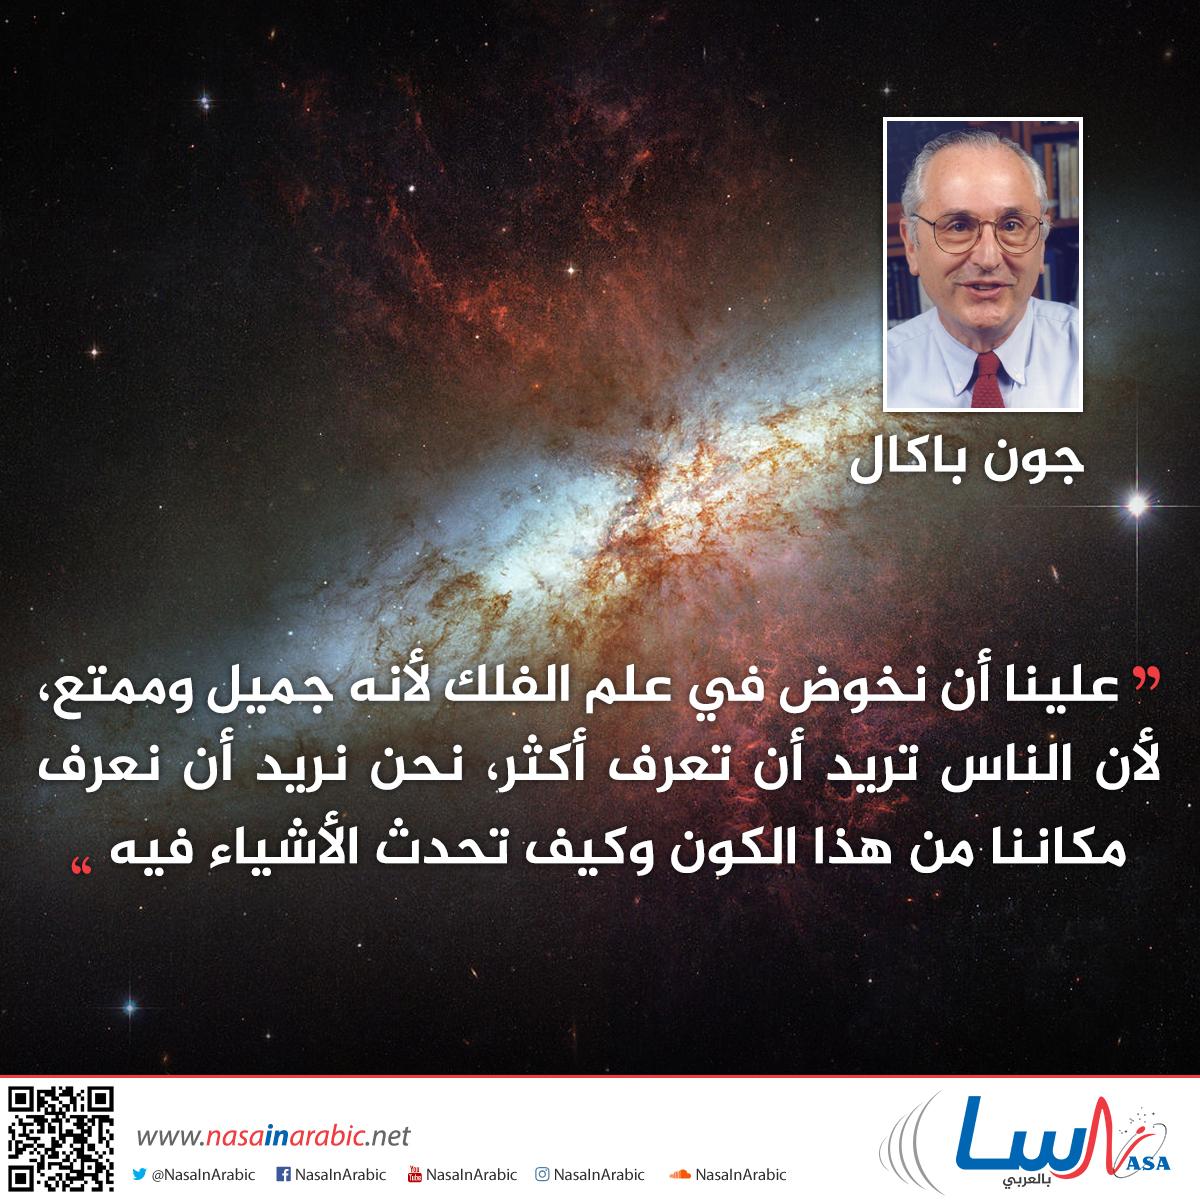 لماذا يتوجب علينا أن نهتم بعلم الفلك؟